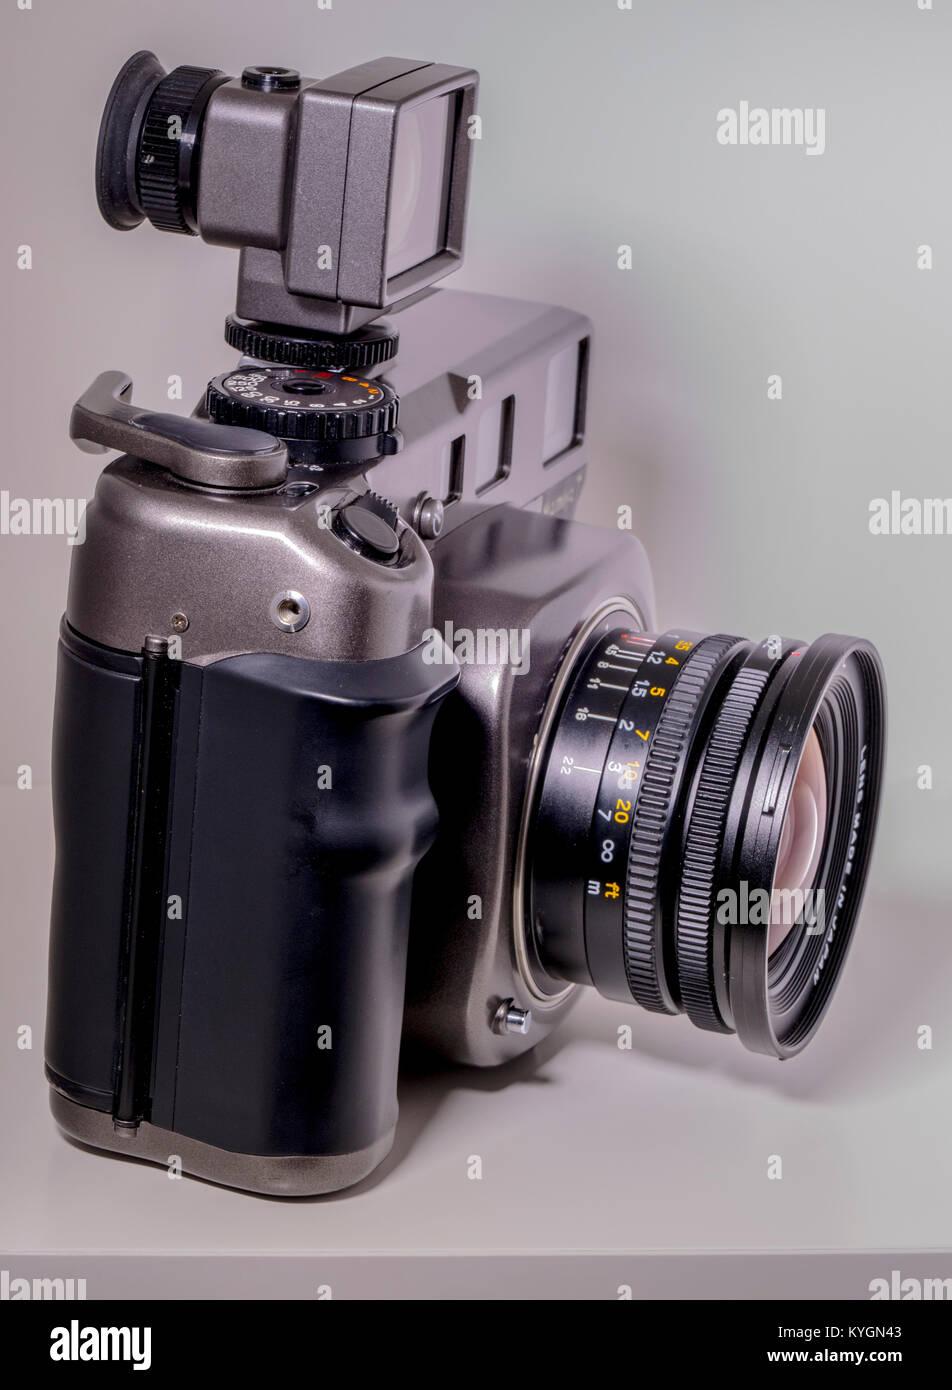 Mamiya 7 fotocamera di medio formato. 6x7 telemetro film, con annesso angolo ampio, leaf shutter, 43mm lente e mirino Immagini Stock